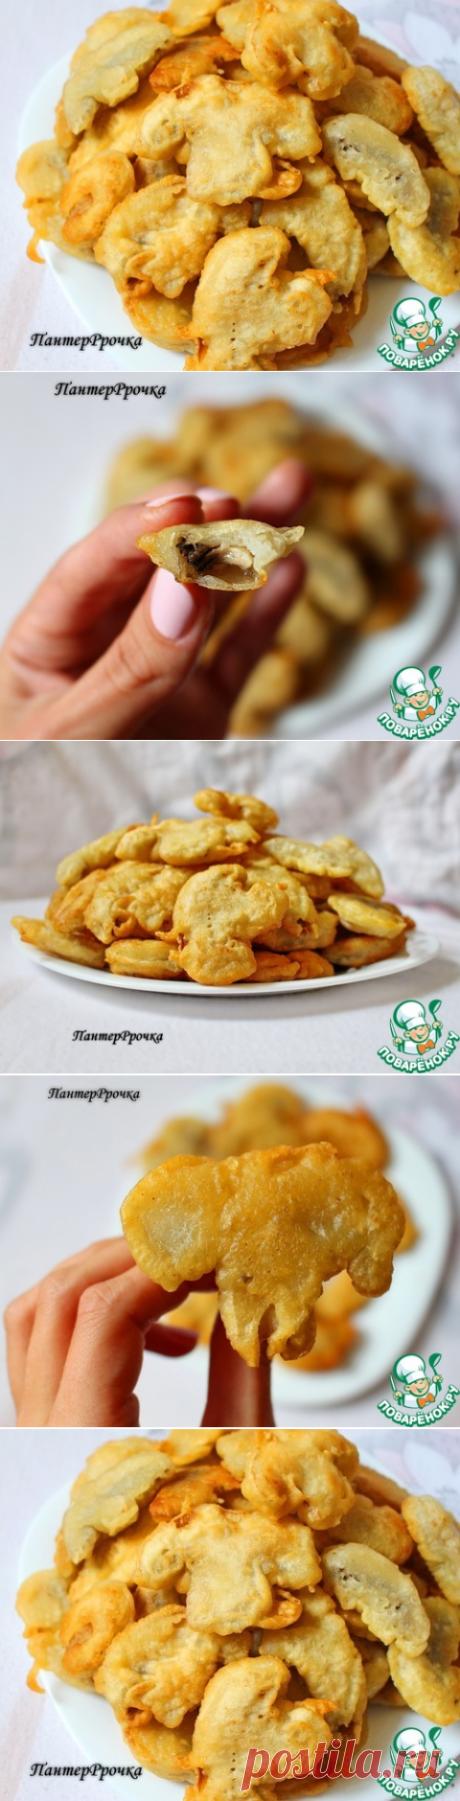 """Любите шампинйоны?попробовав этот рецепт вы будите готовить эти потрясающие грибы только так!!! =Ингредиенты для """"Шампиньоны в необыкновенно хрустящем кляре"""": Шампиньоны (большие) — 7 шт Крахмал картофельный — 90 г Мука пшеничная — 170 г Соль — 1 ч. л. Сахар (щепотка) Разрыхлитель теста — 1 ч. л. Масло растительное (в кляр, + 300 мл для жарки) — 3 ст. л. Вода — 250 мл Кунжут — 2 ст. л."""